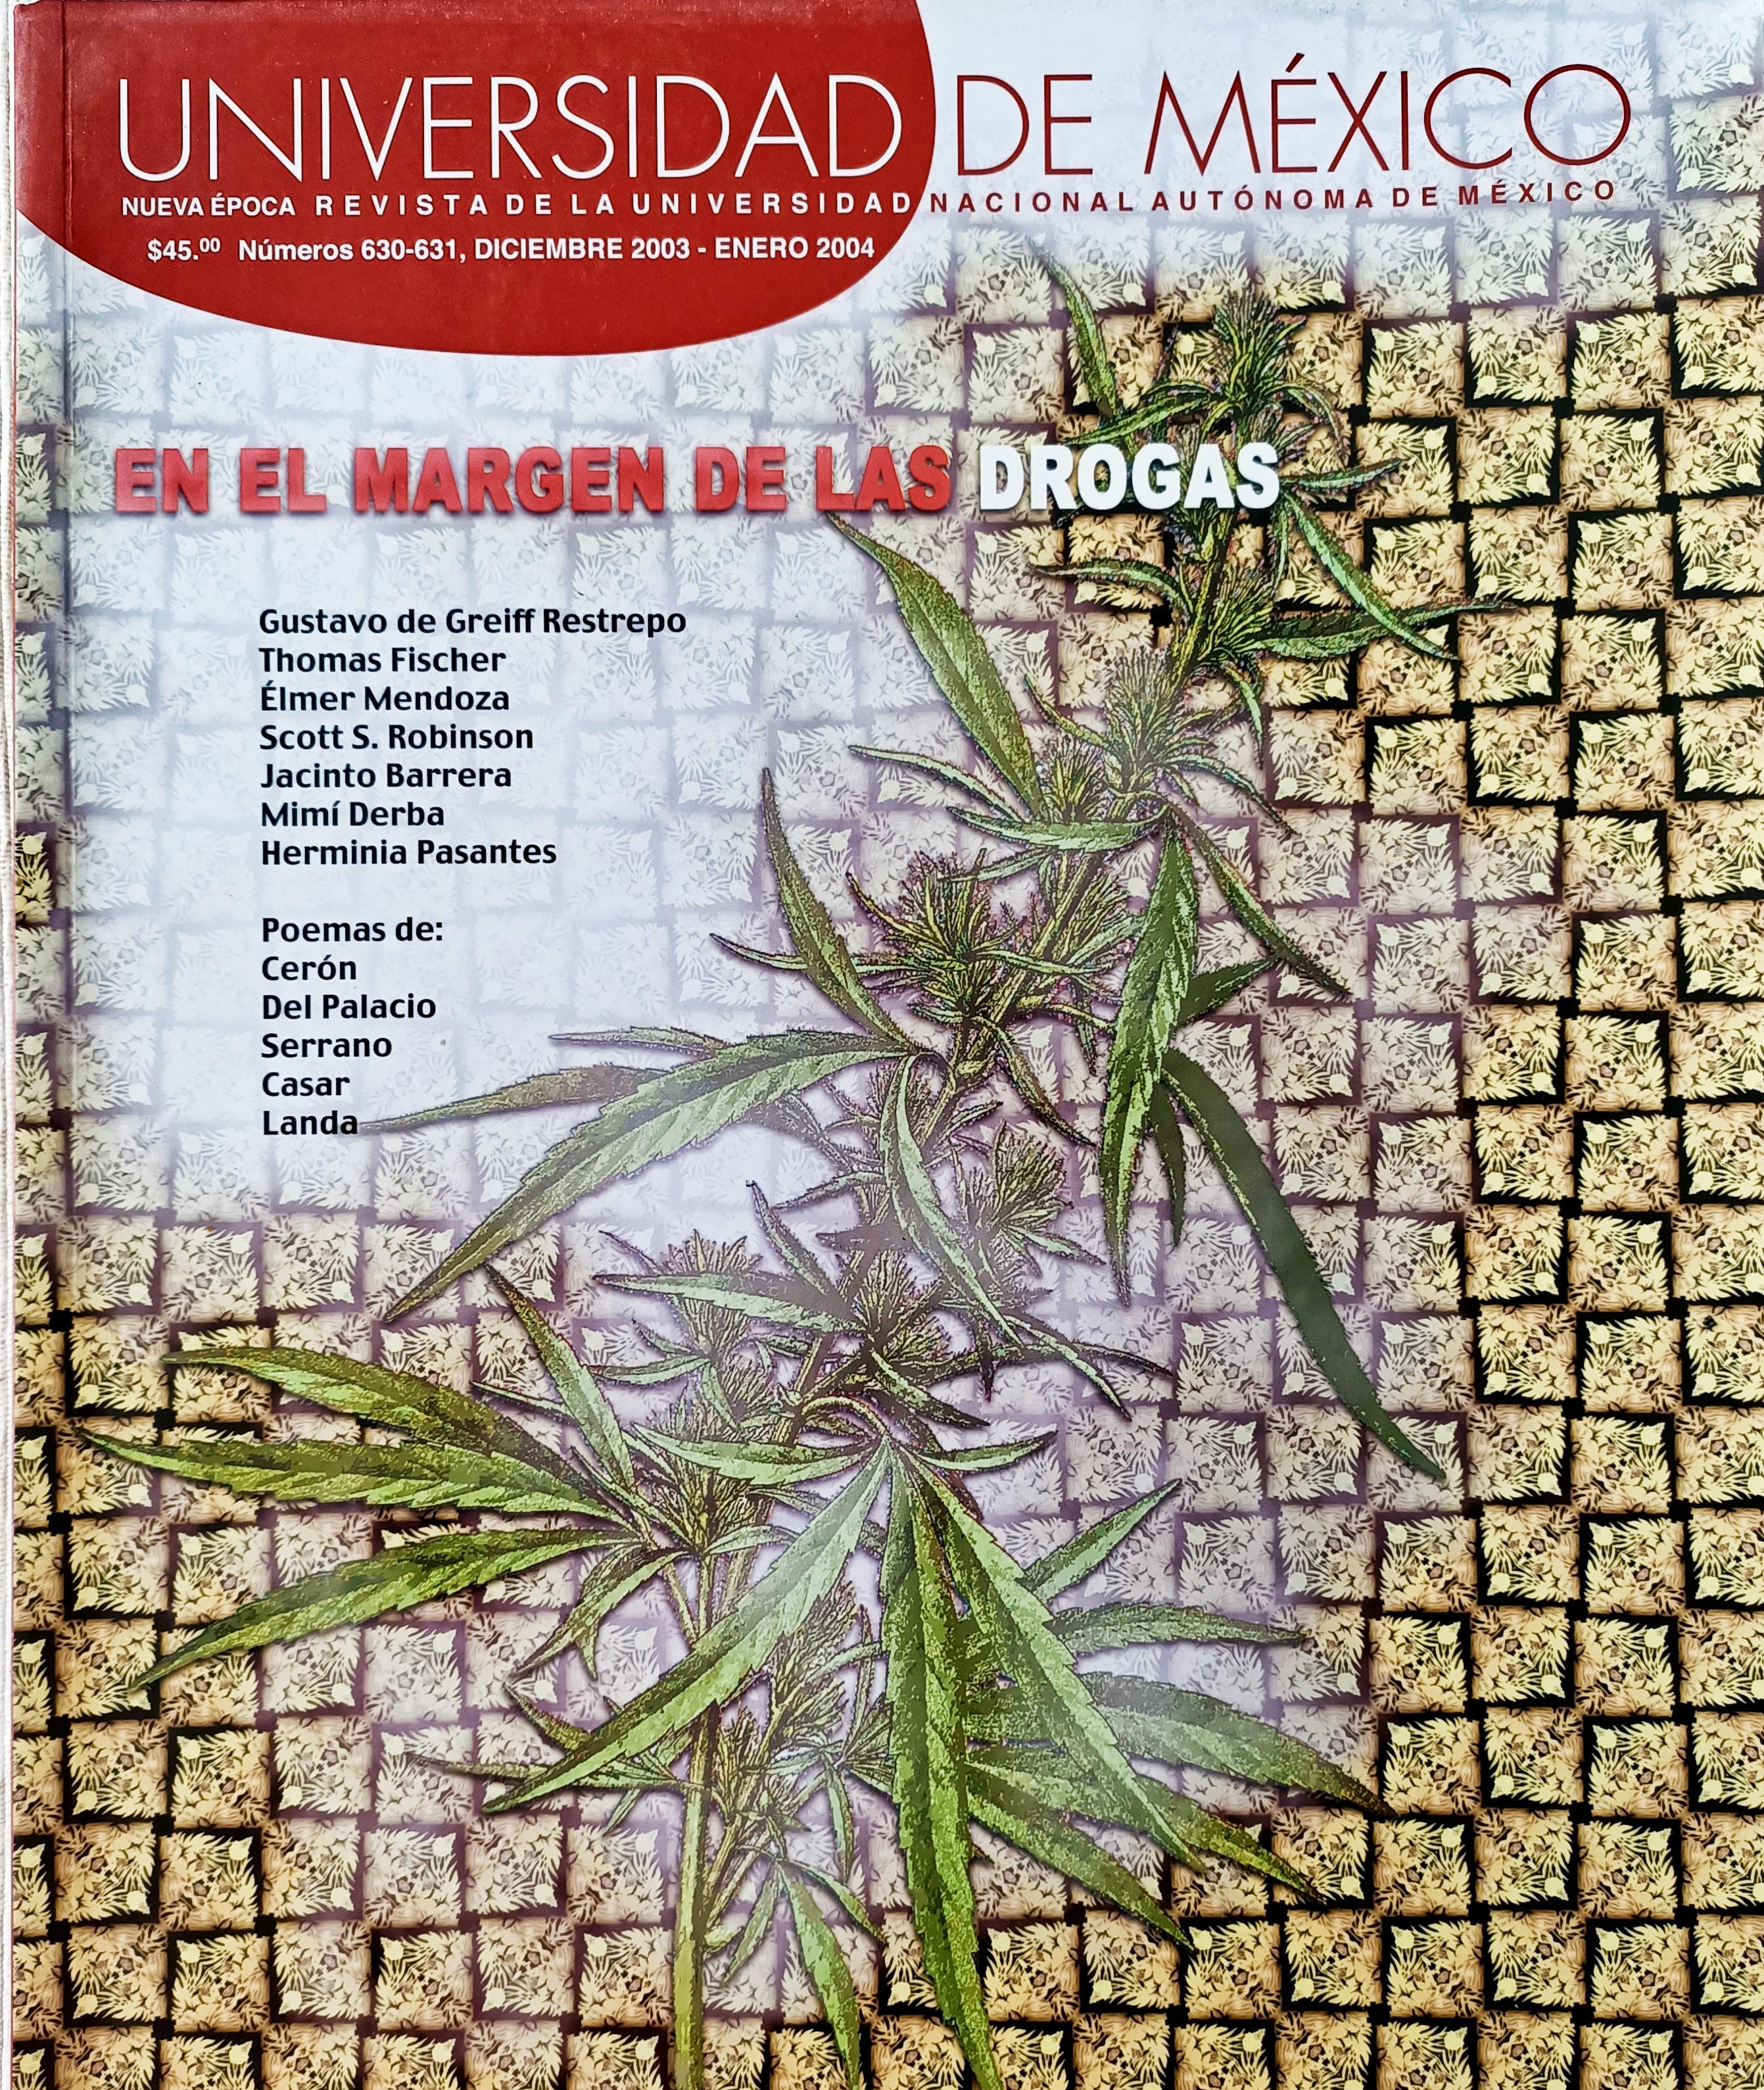 DICIEMBRE 2003-ENERO 2004